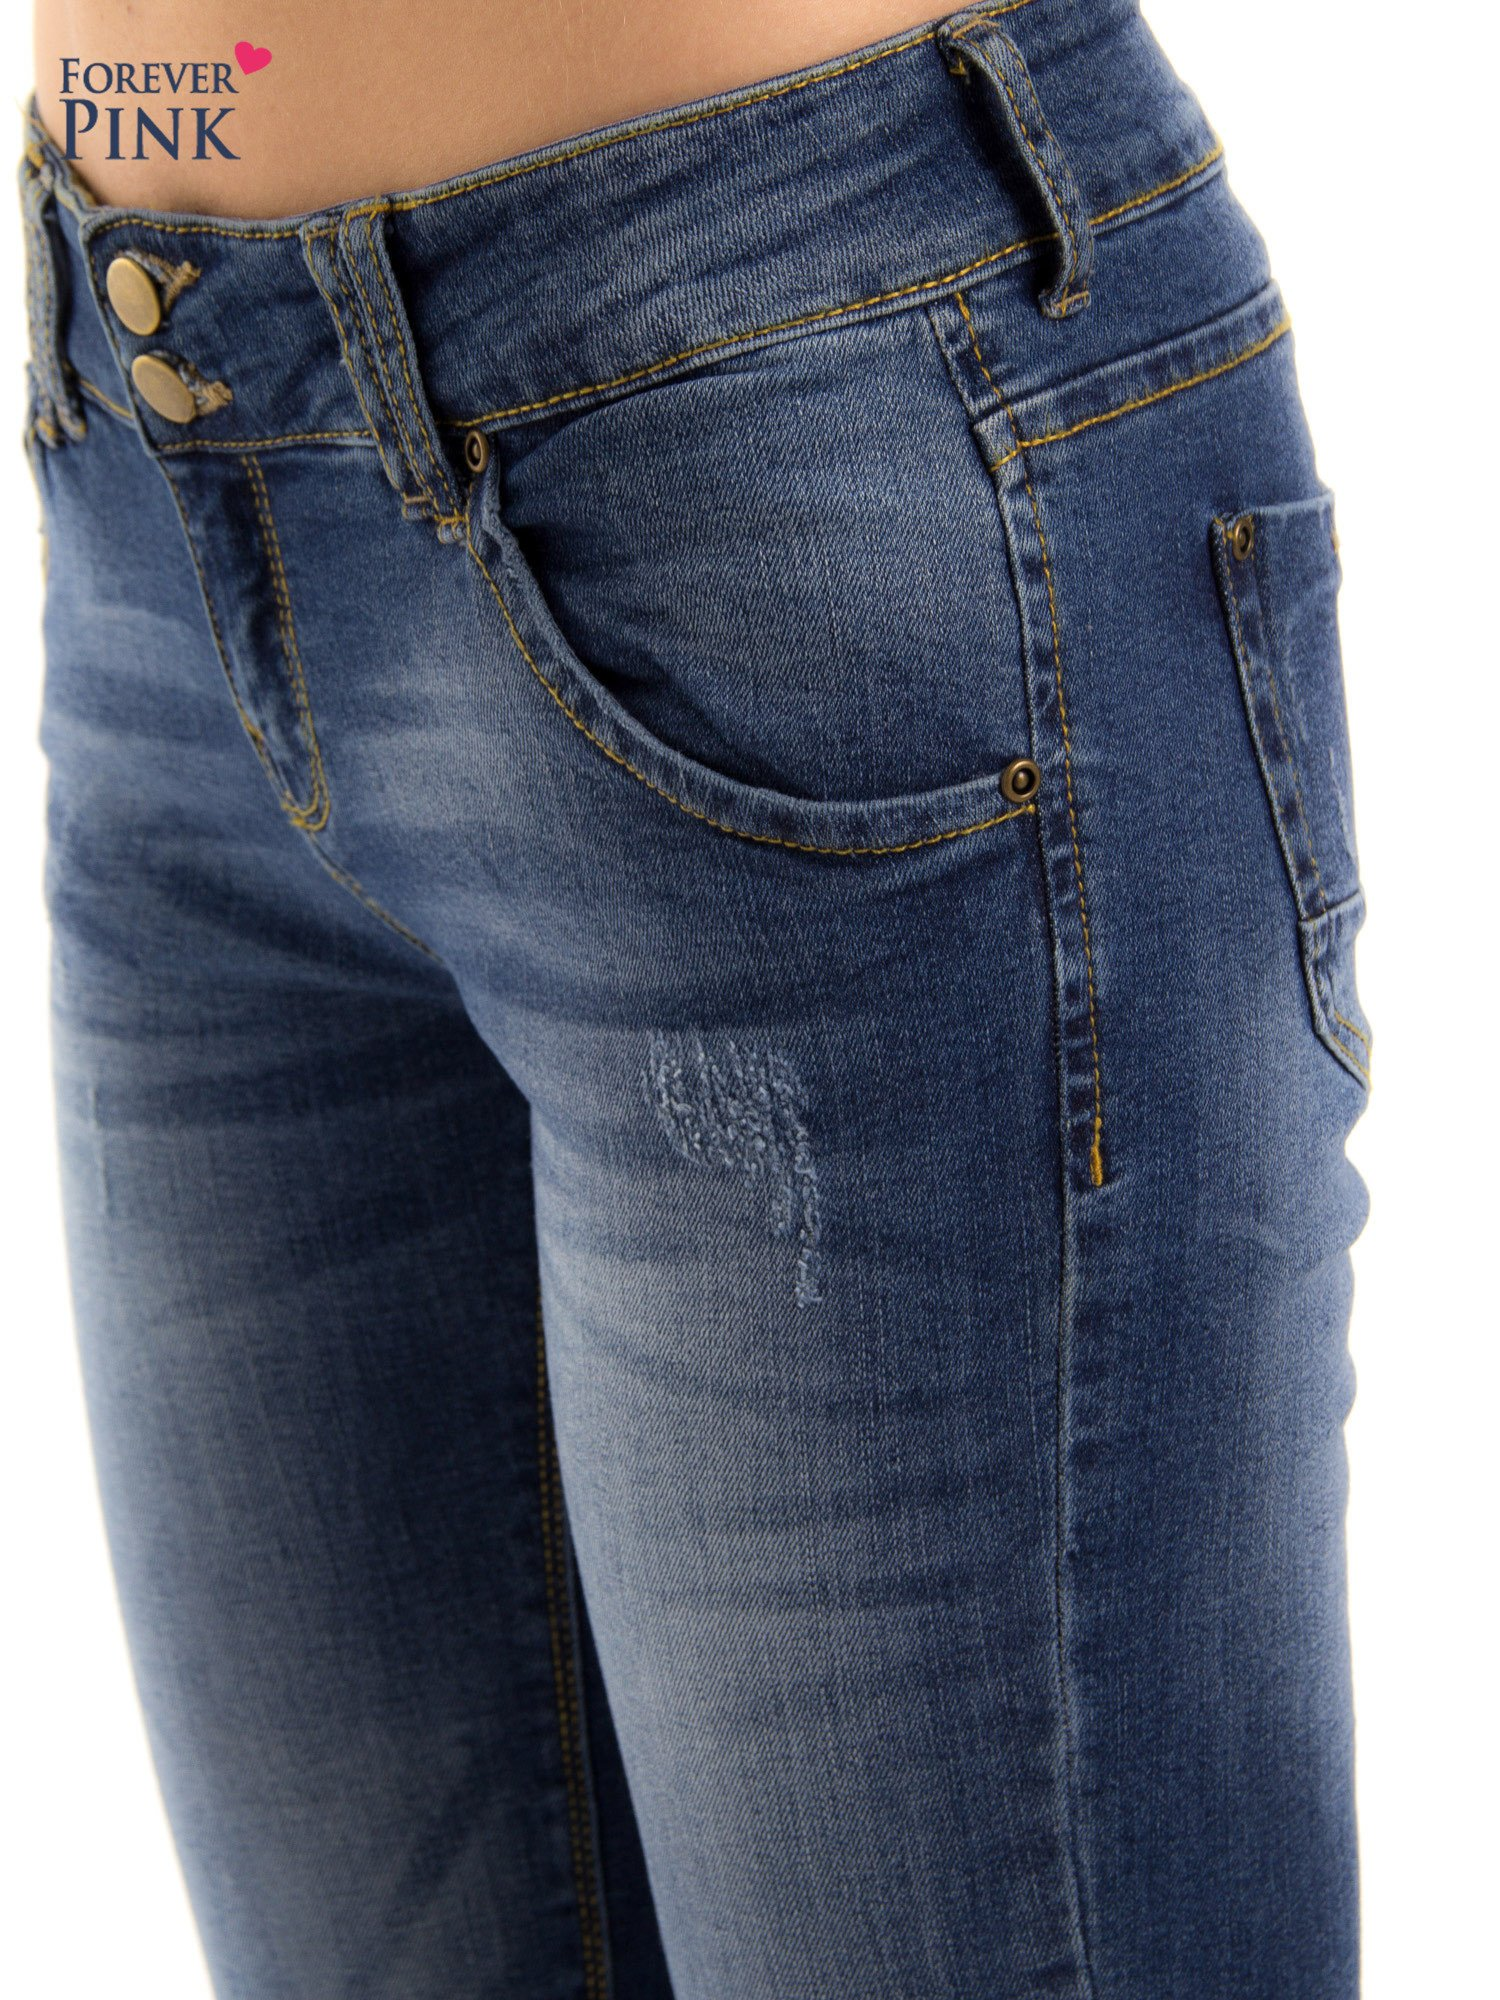 Ciemnieniebieskie jeansy biodrówki na dwa guziki                                  zdj.                                  6